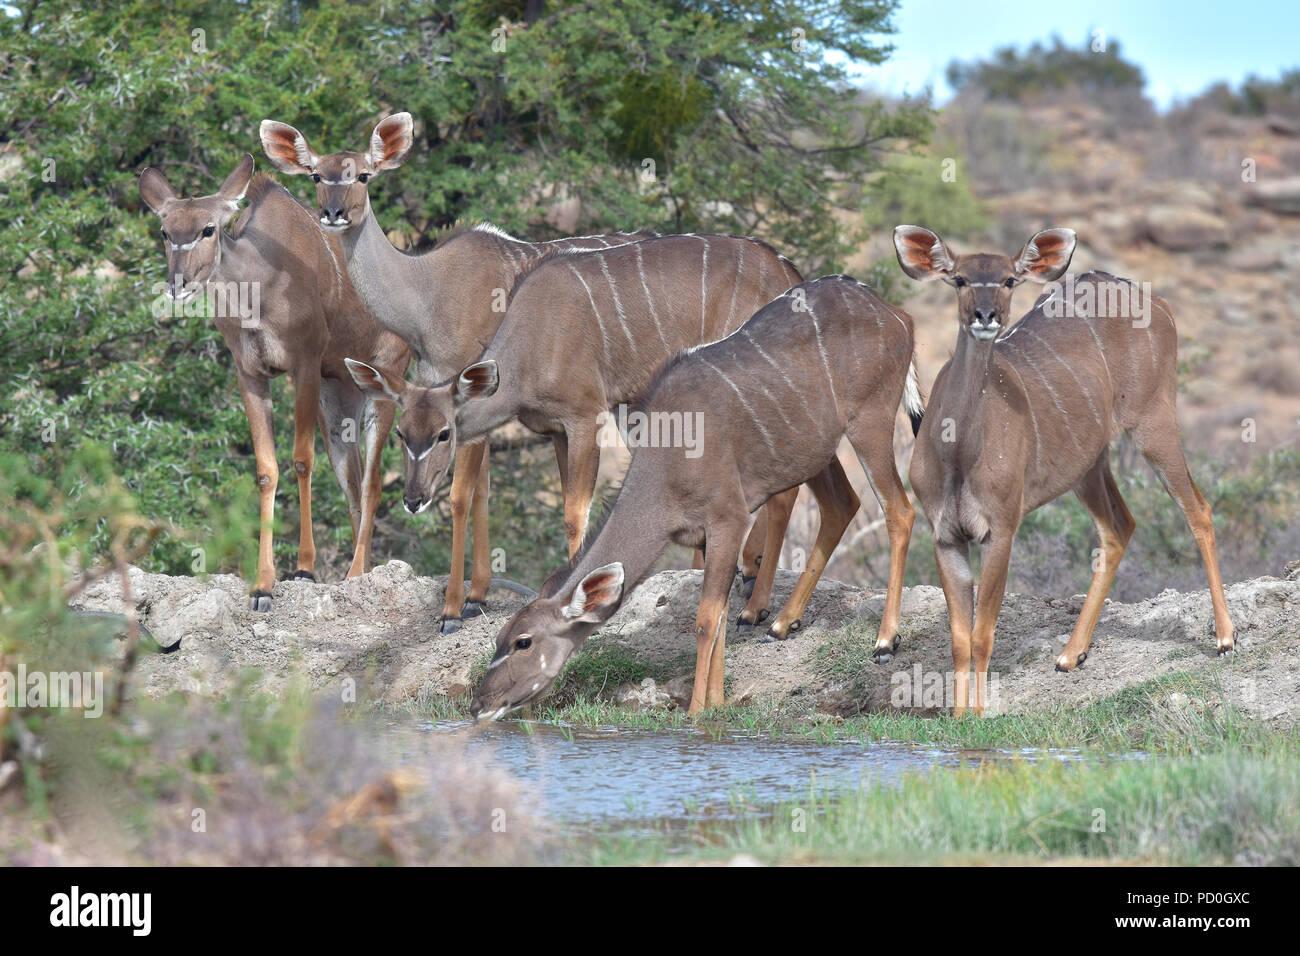 Sud Africa, una fantastica destinazione di viaggio per sperimentare e terzo e primo mondo insieme. Kudu mucche bere wat waterhole in Karoo National Park. Immagini Stock